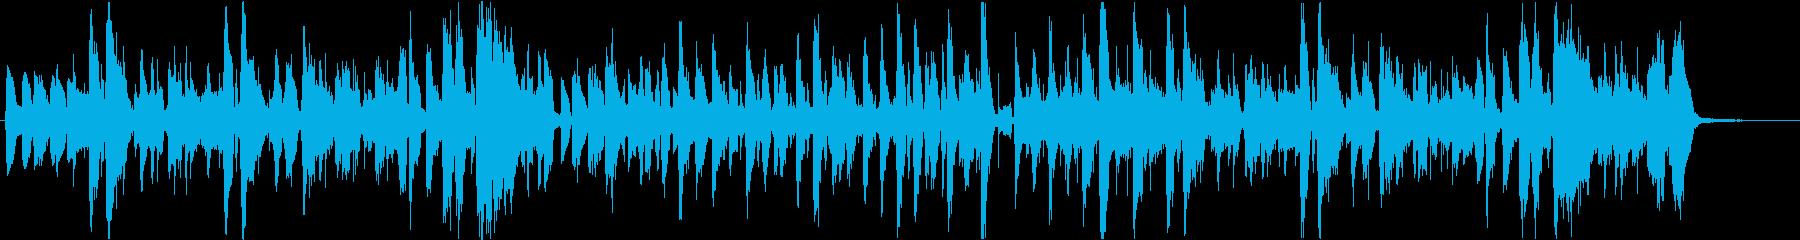 ごはんをテーマにした楽曲の再生済みの波形